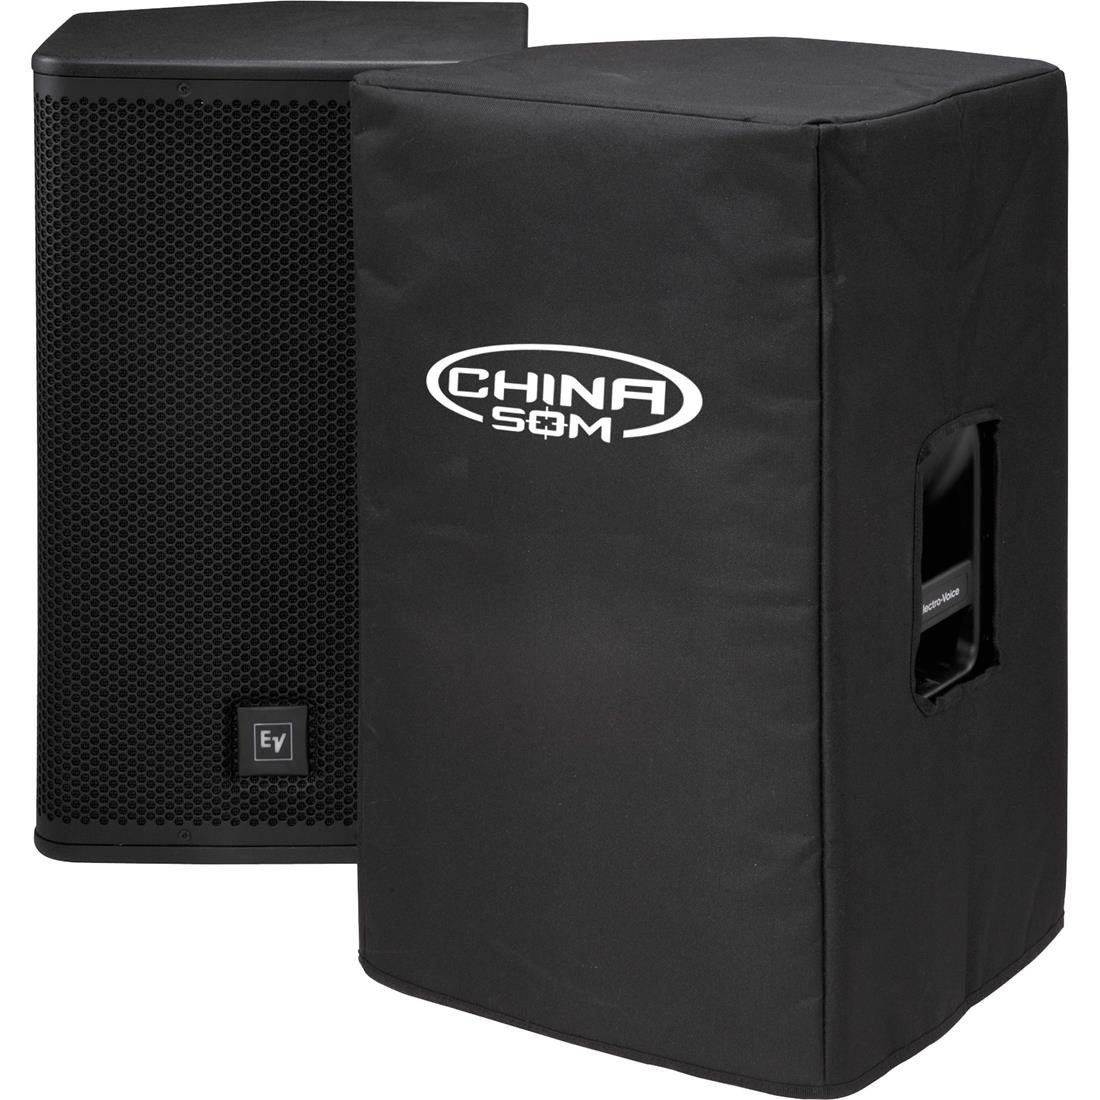 034a28603 Capa China Som Para Caixa Electro Voice Elx 12 - R$ 212,50 em ...